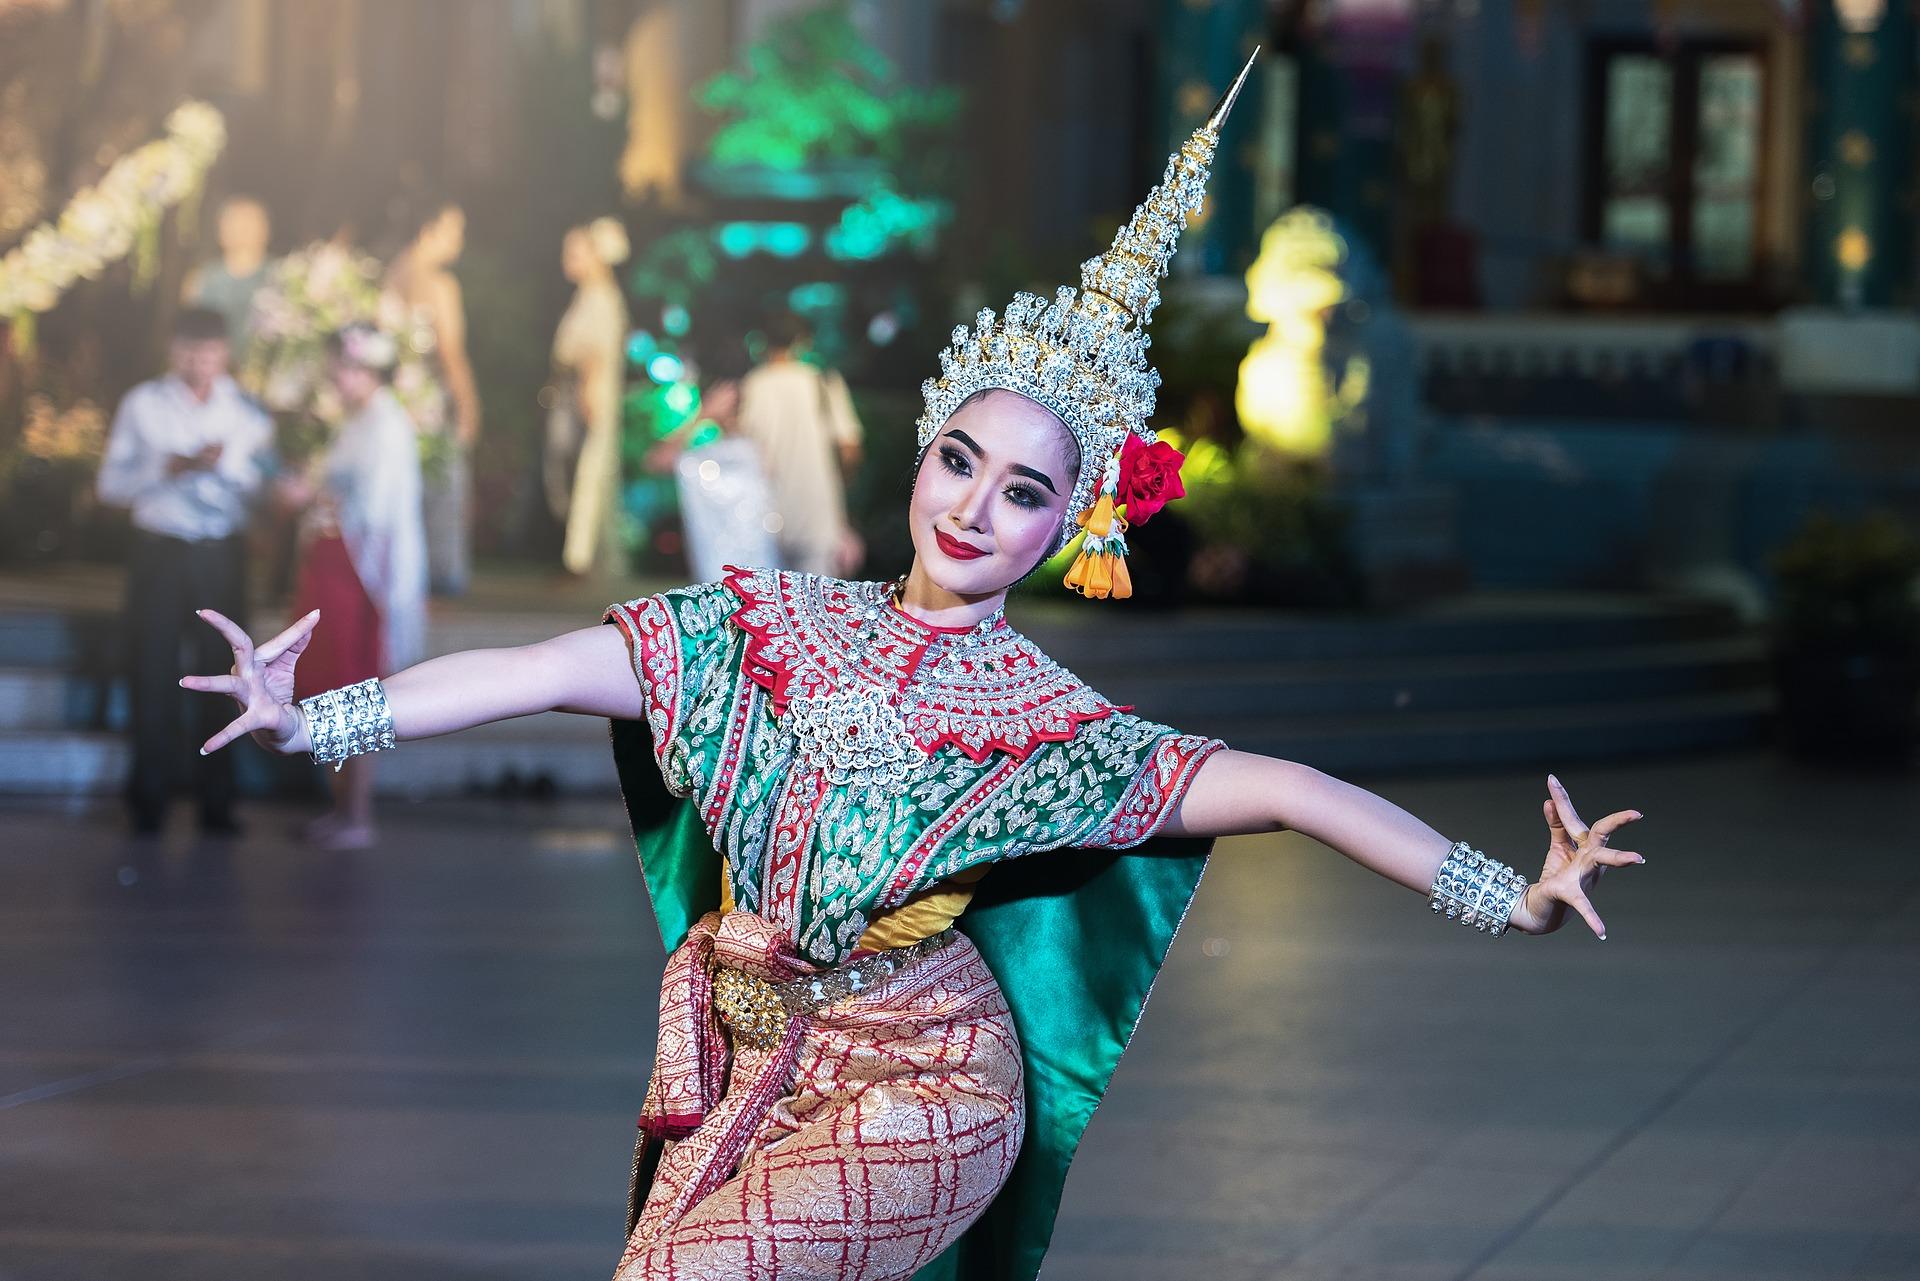 thailand-dancer-1807516_1920